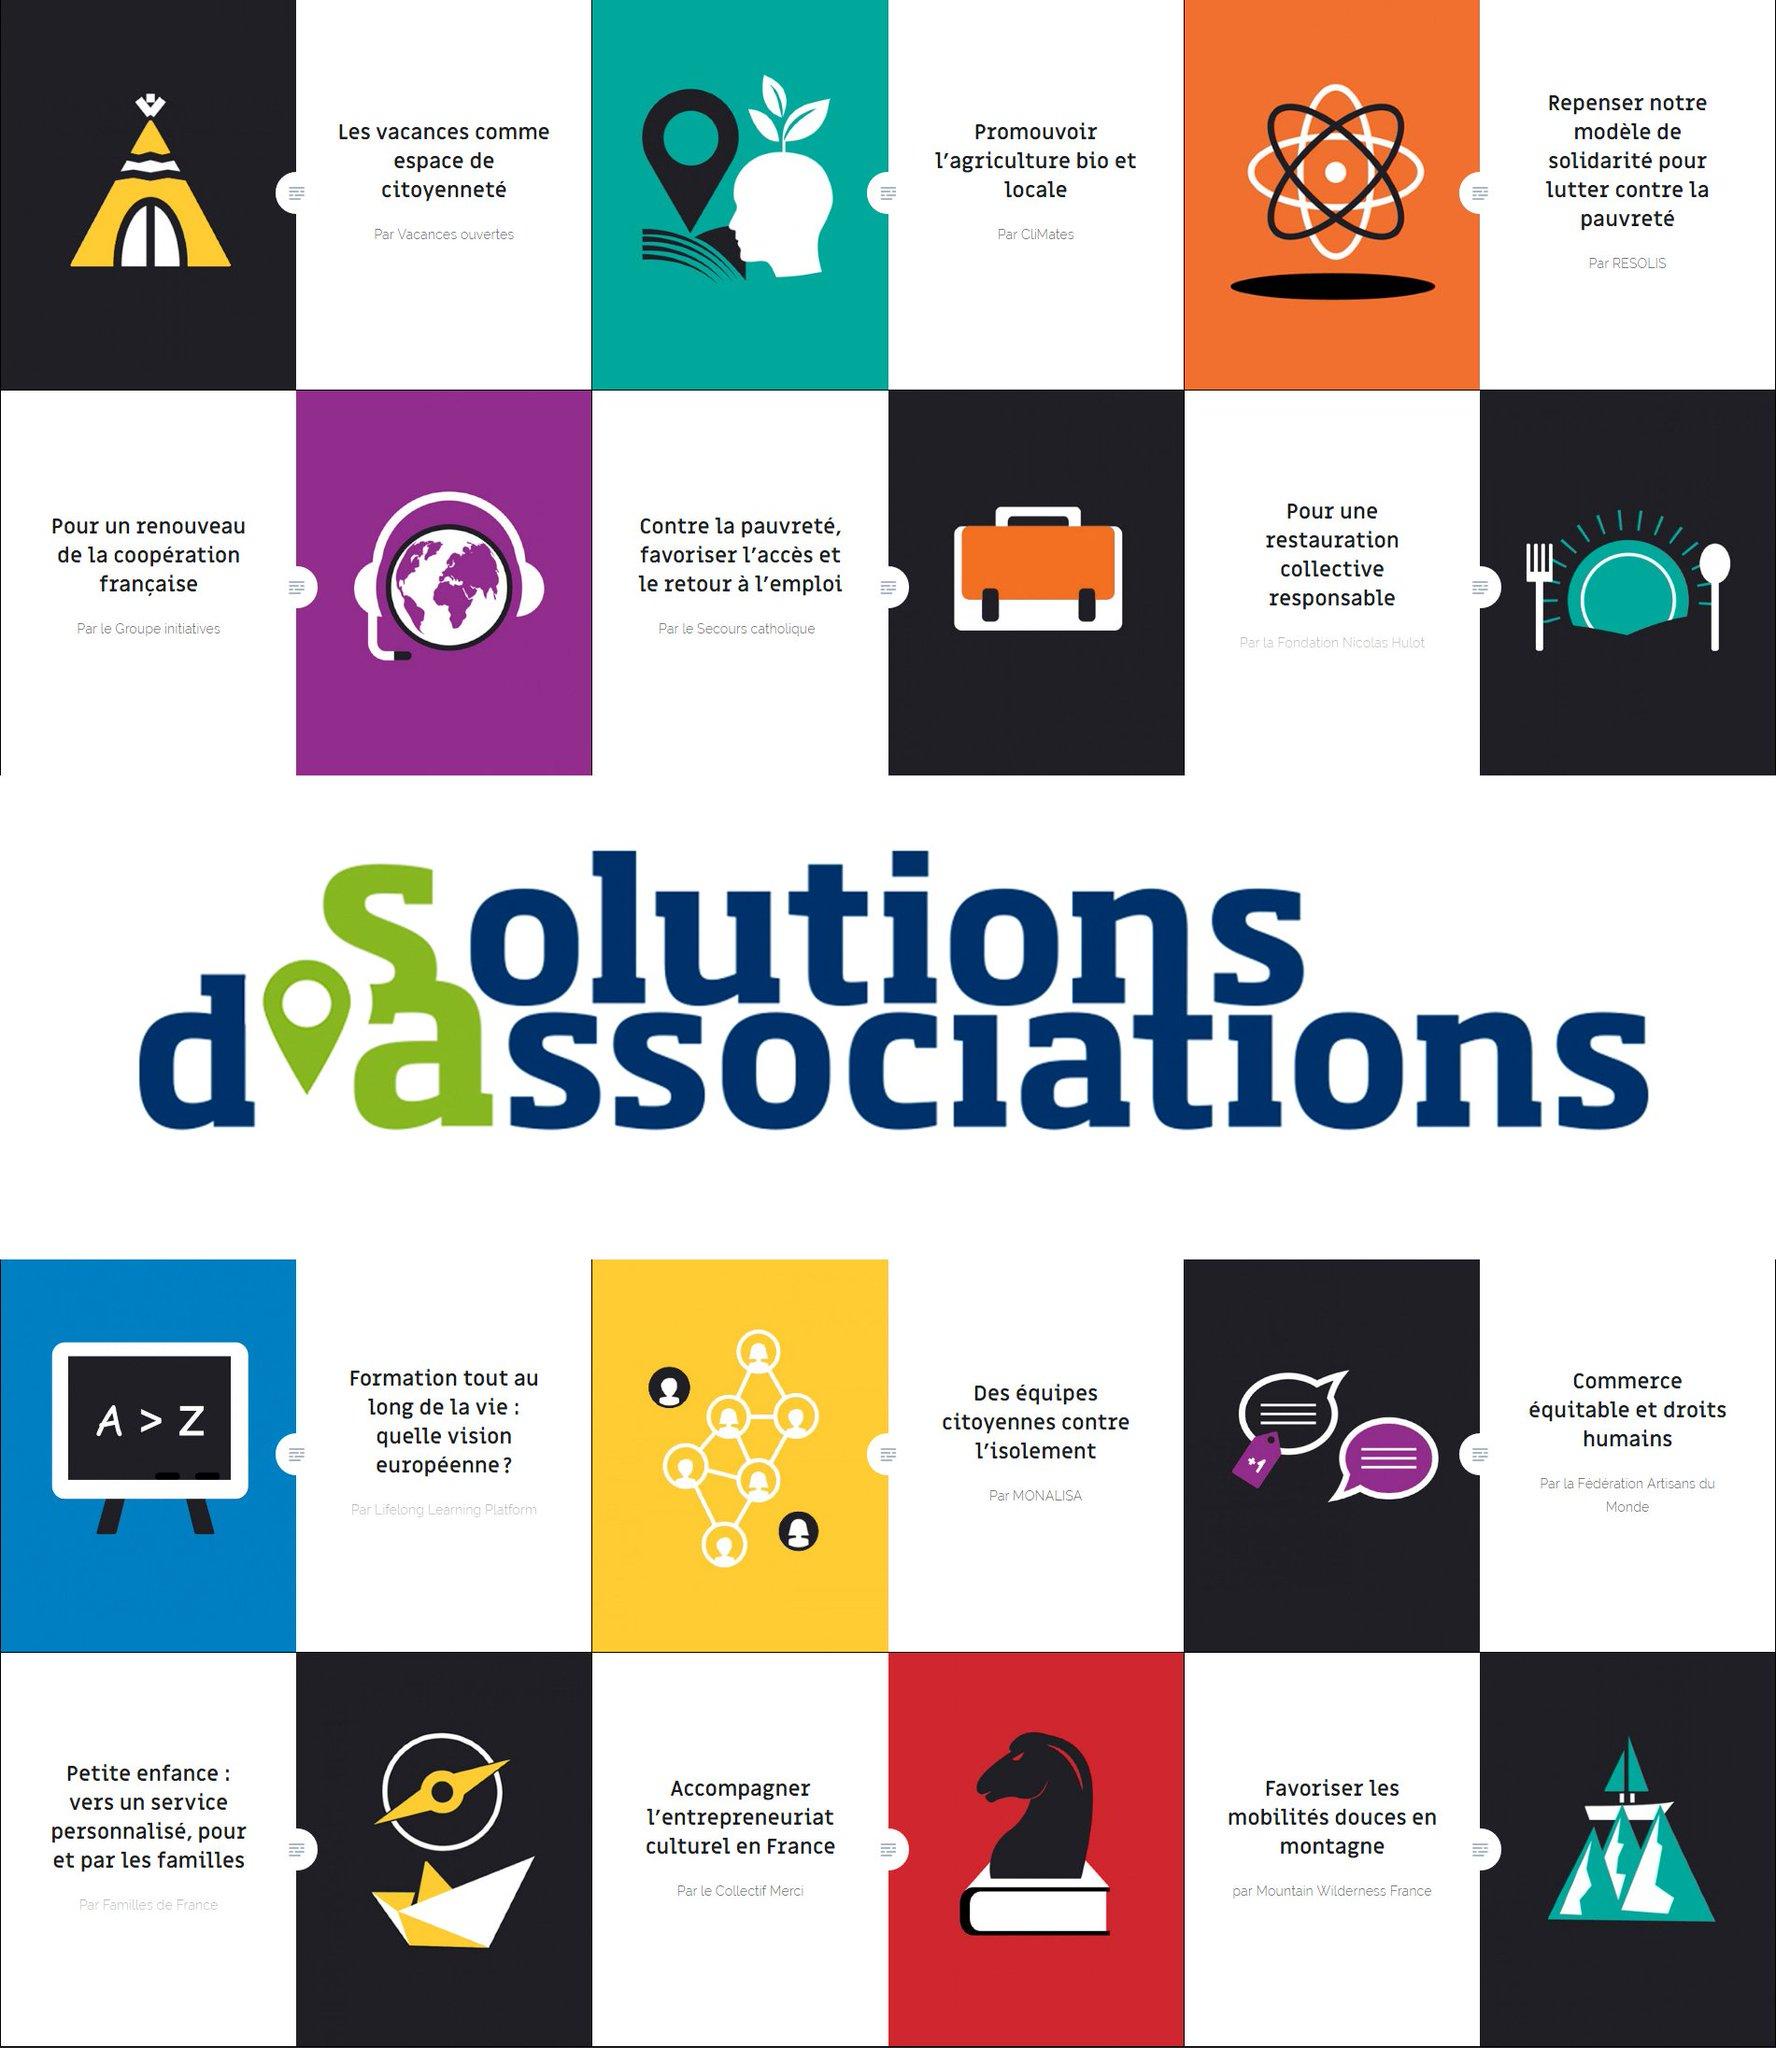 Nous lançons aujourd'hui avec @lemouvementasso le site https://t.co/bVCGPbH1iX Pour demain,les #assos ont des idées! #SolutionsdAssociations https://t.co/5V9FN5RqBo